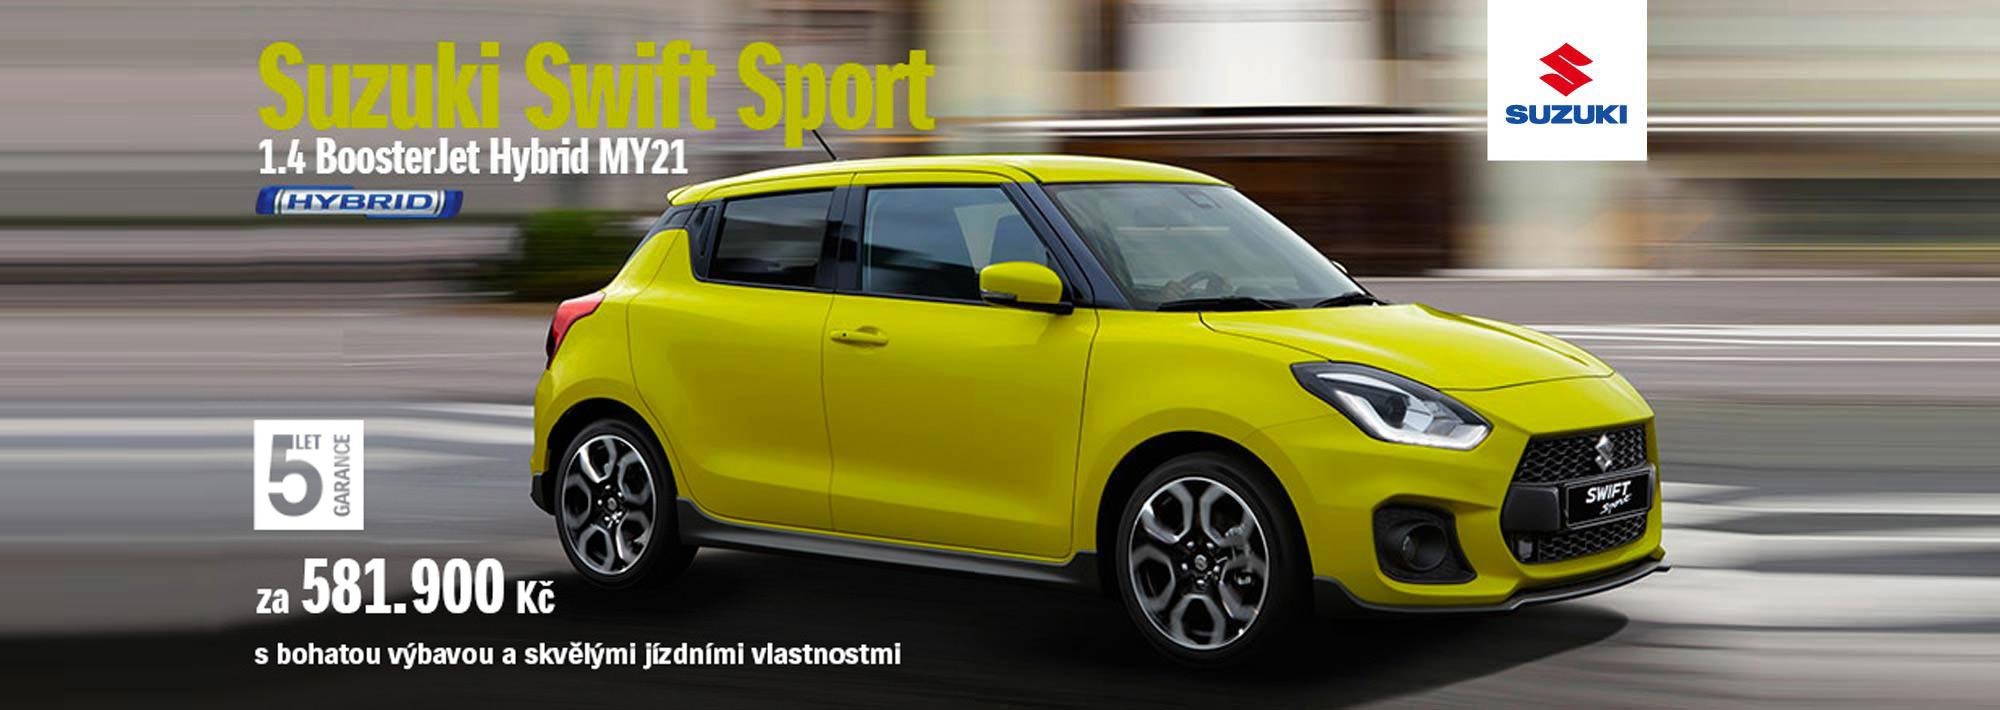 Emil Frey ČR: Suzuki, Vitara, Ignis, S-Cross, Swift, Swift Sport, Emil Frey